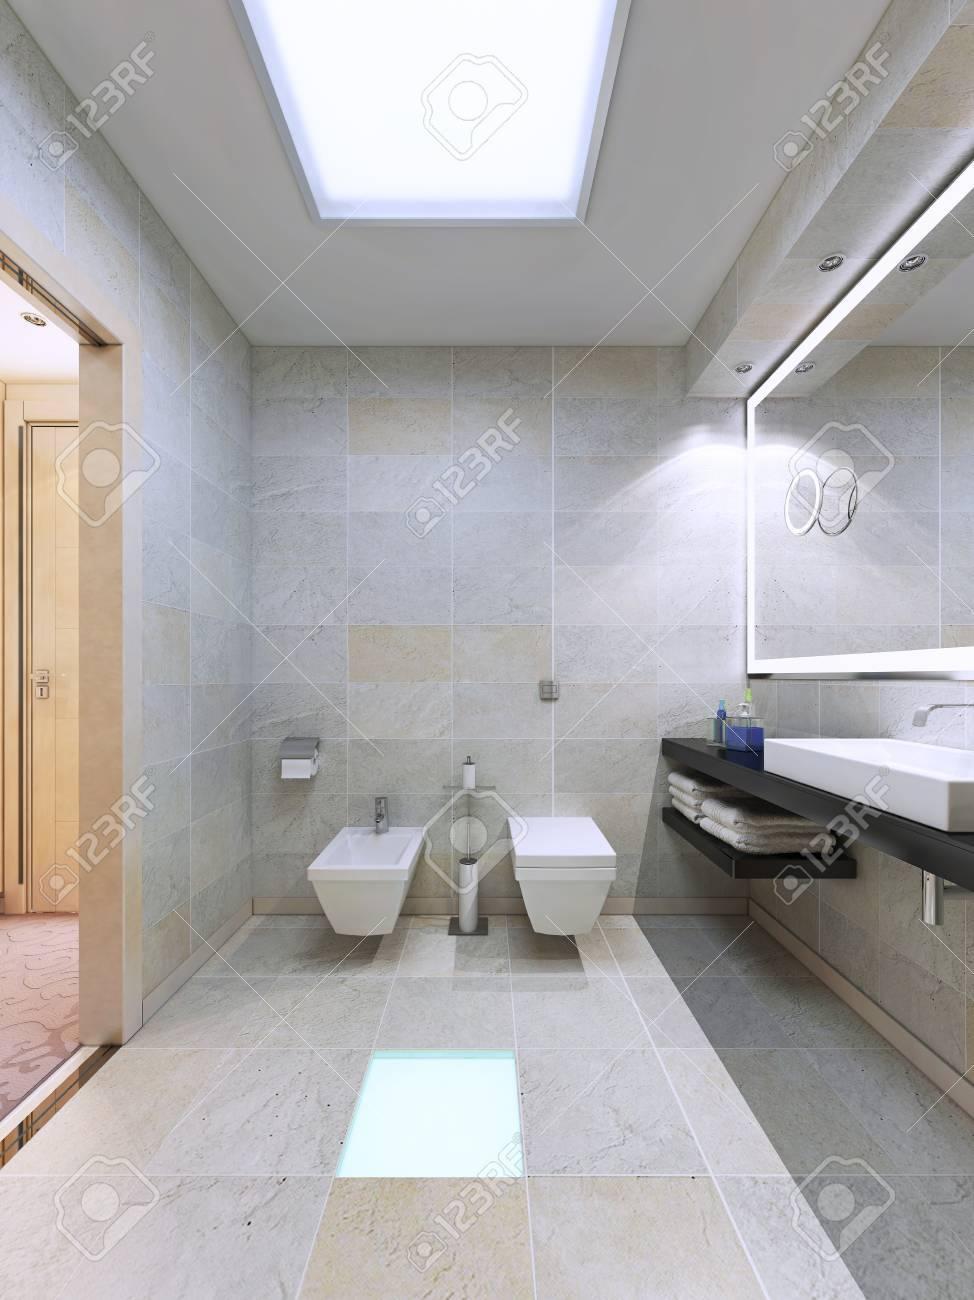 Exemple De Salle De Bains Lumineuse Avec Beaucoup De Lumieres Grand